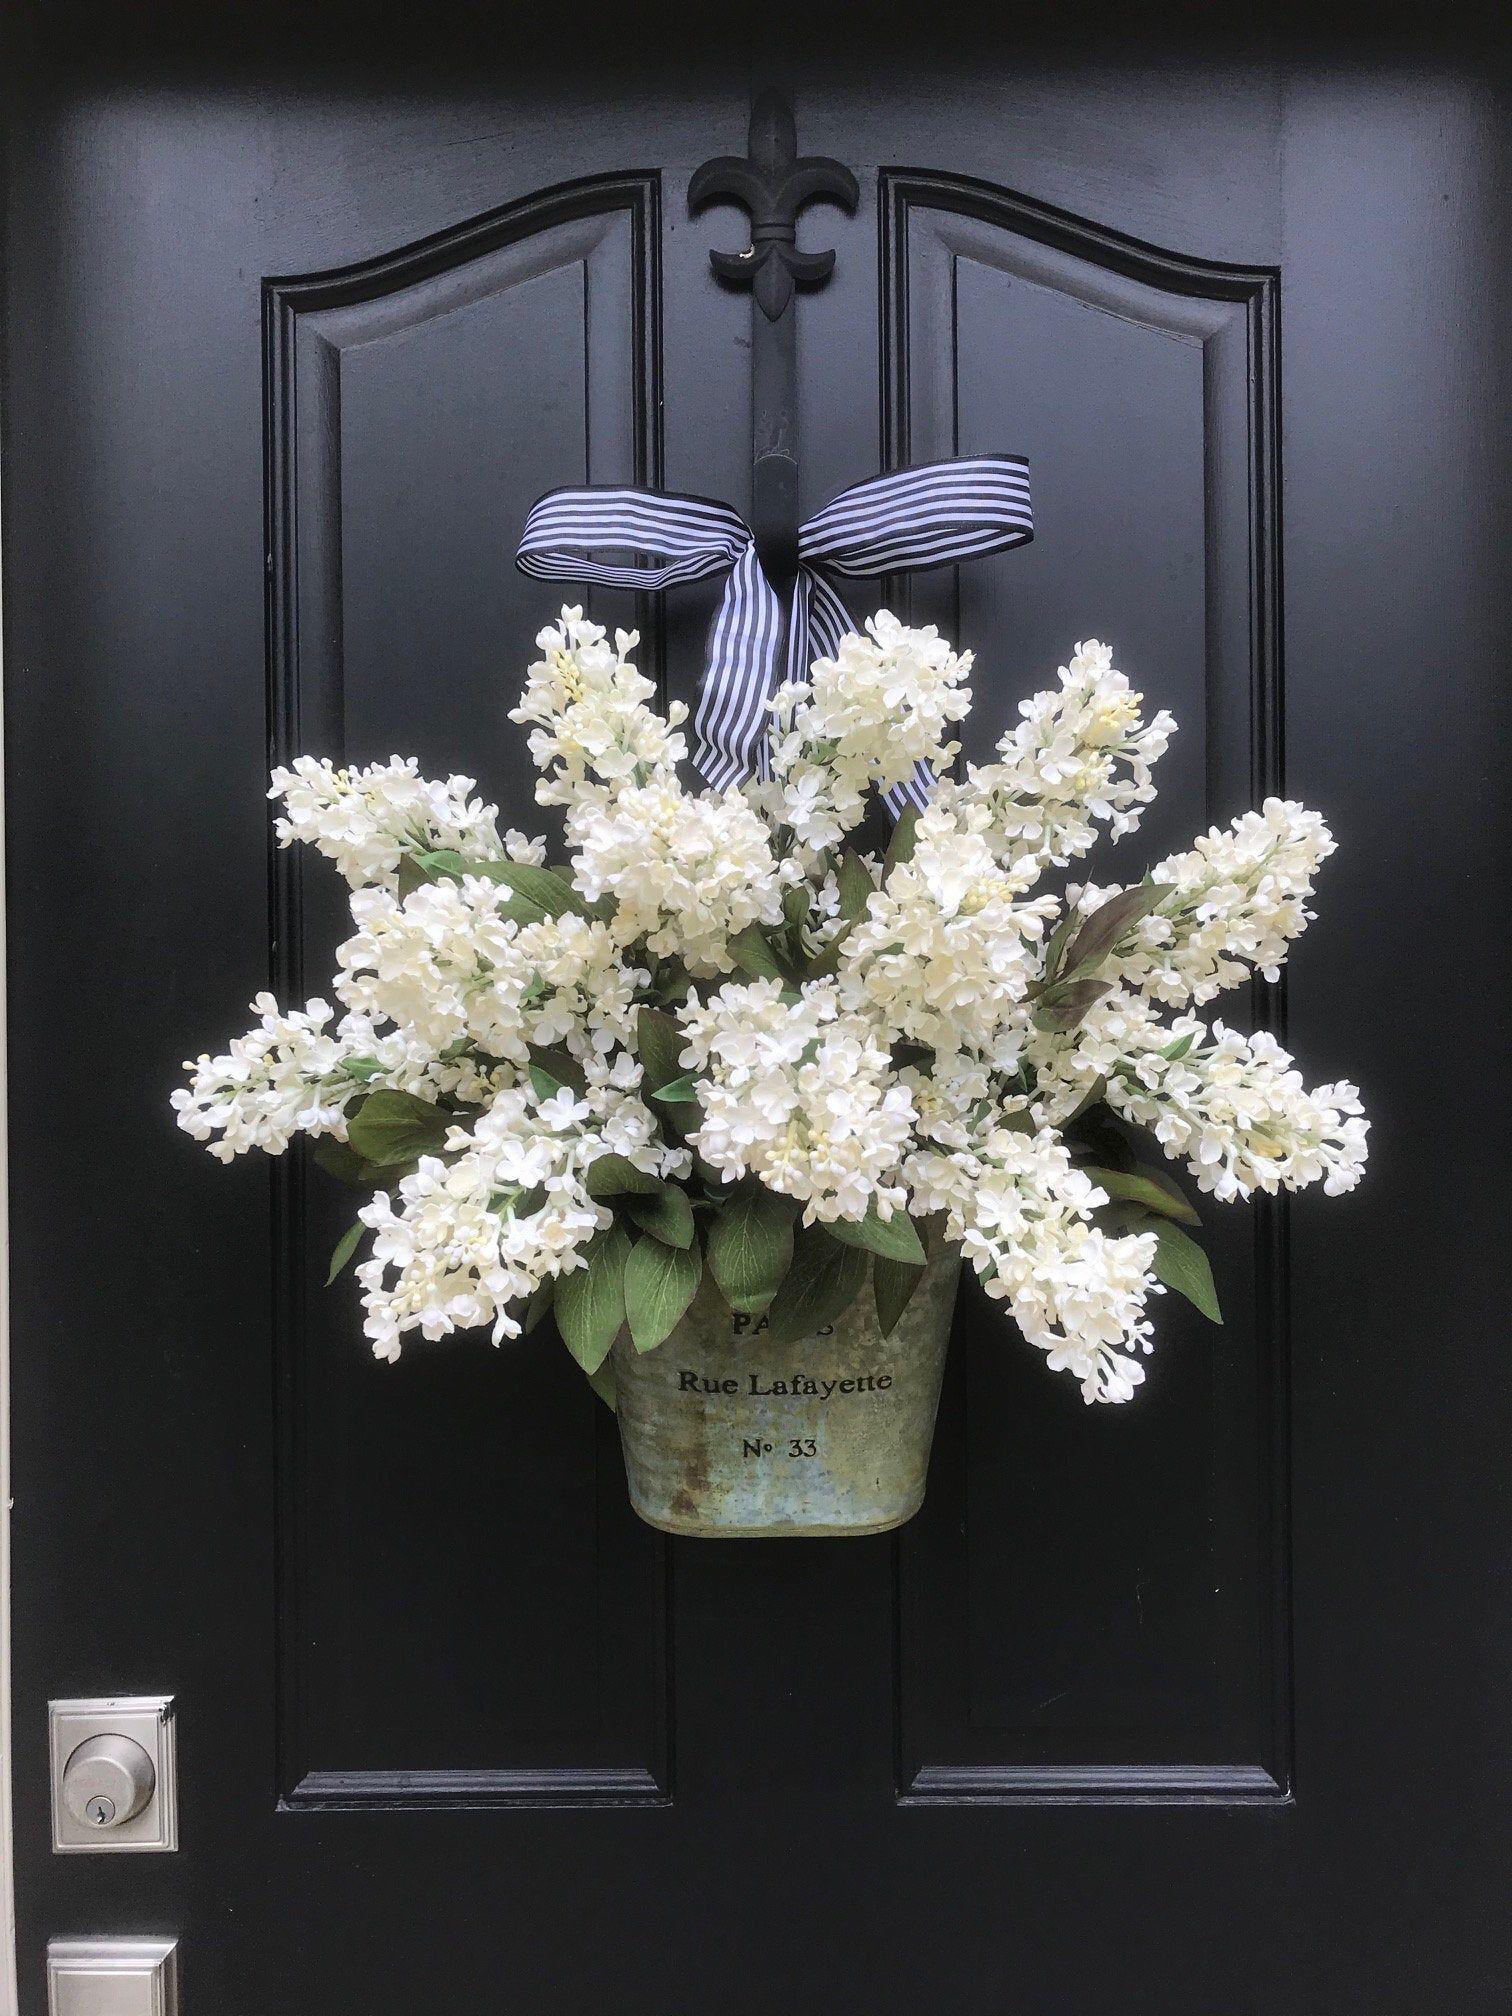 Photo of Weiße lila Kränze für Haustür, Bauernhaus Veranda Dekor, Eimer Flieder Tür hängen